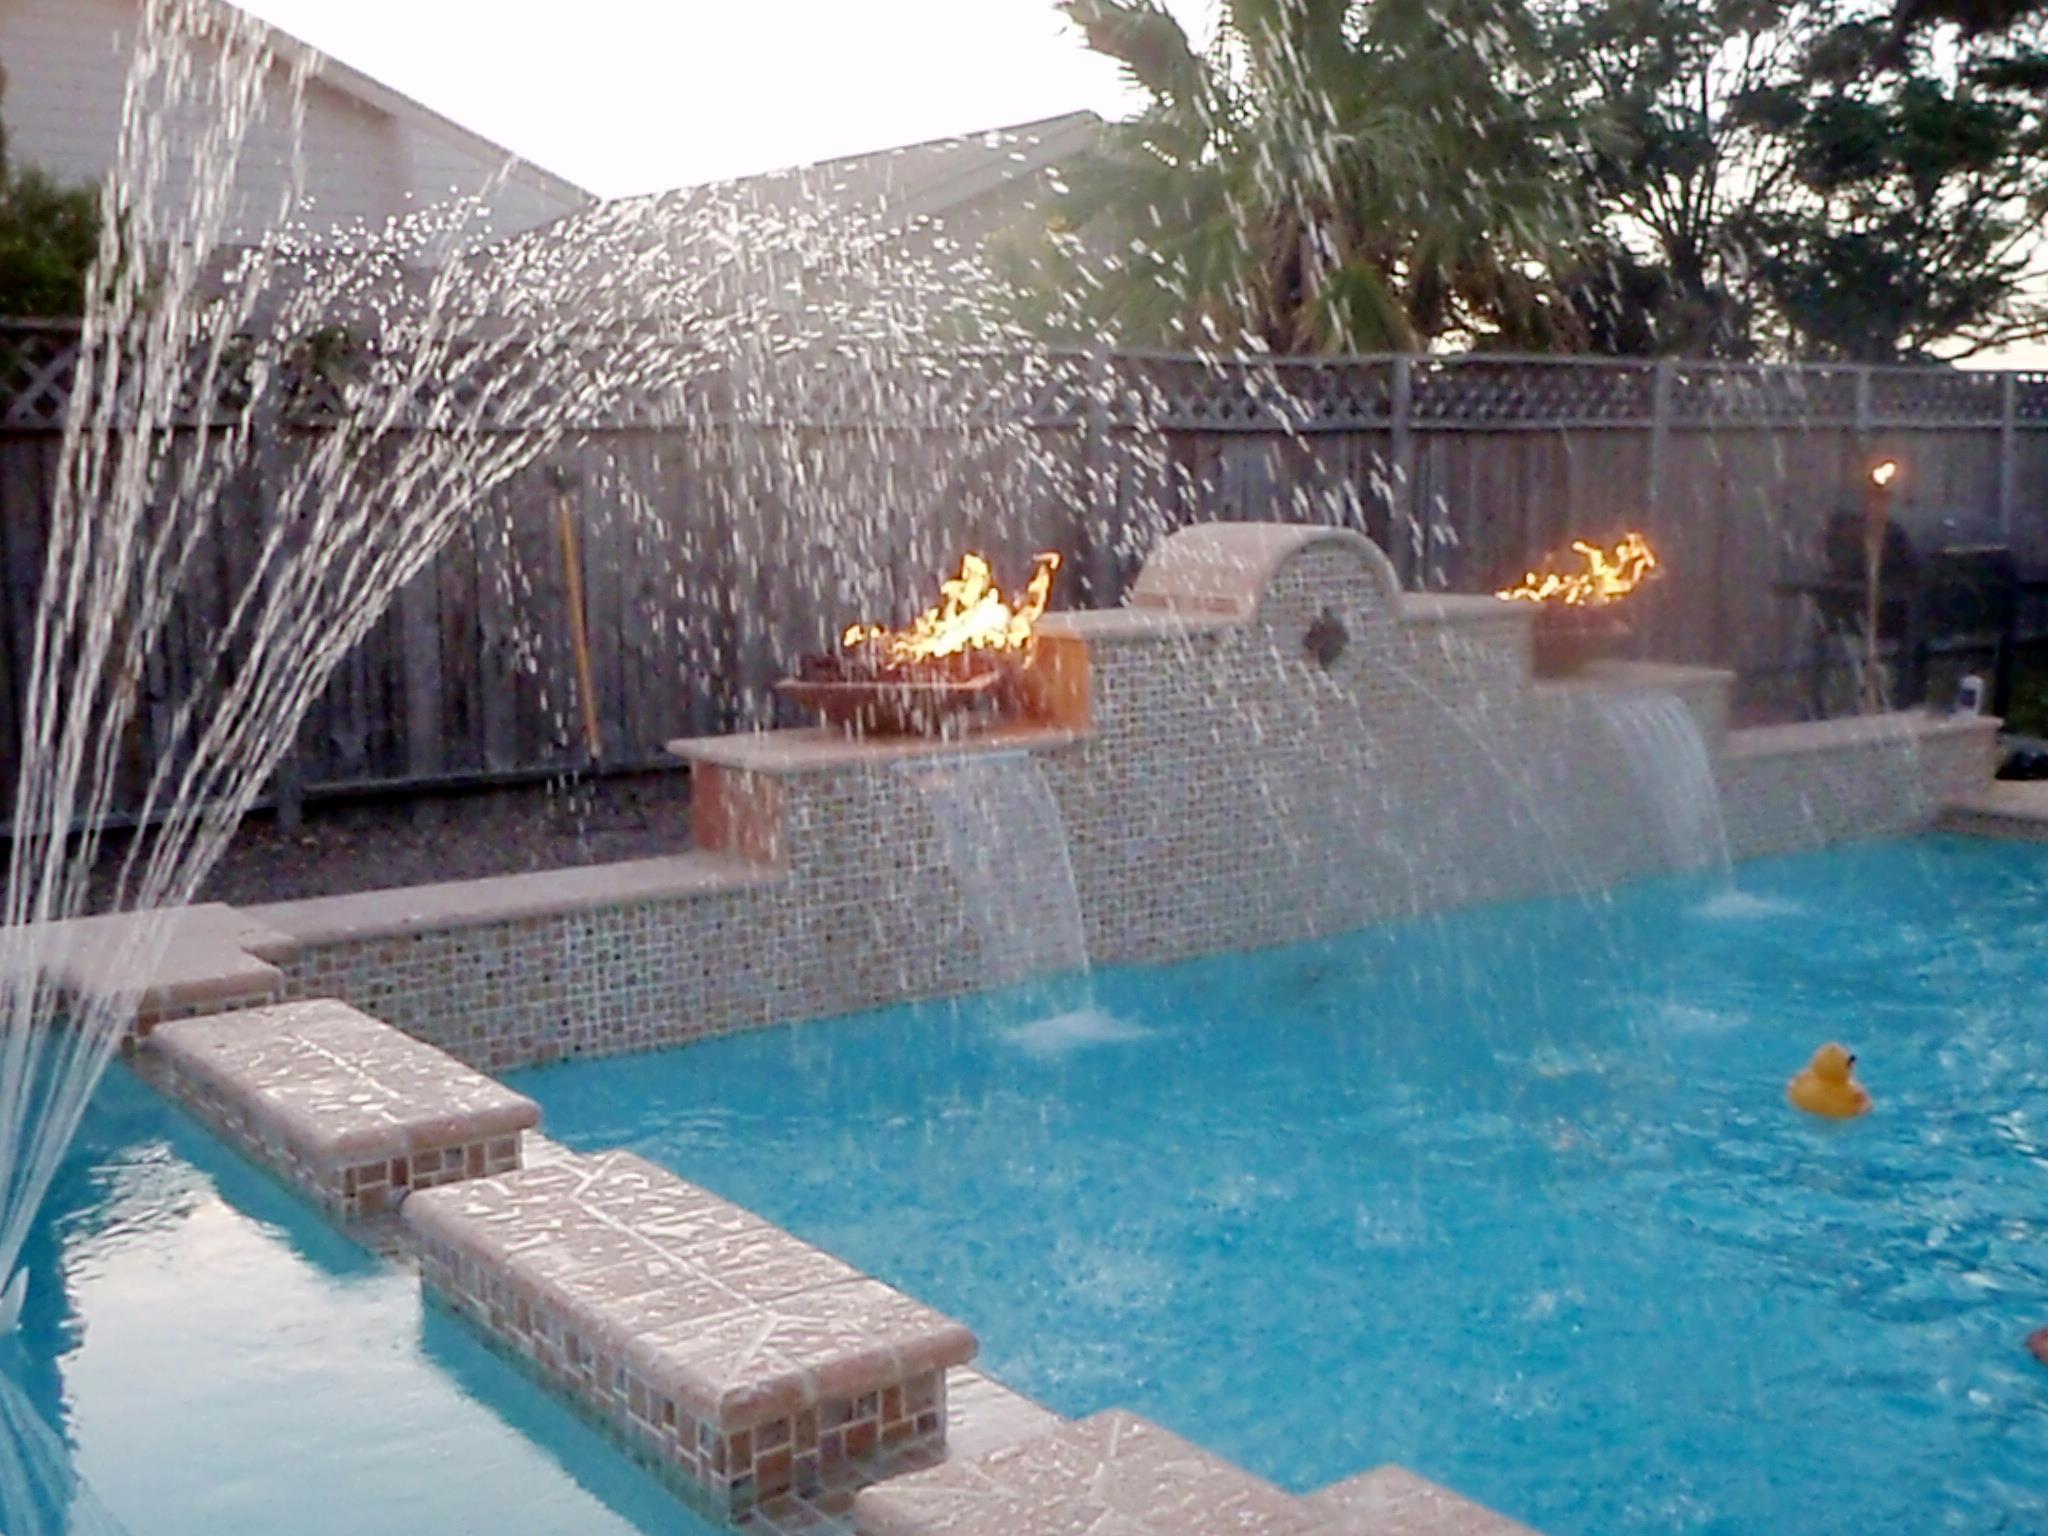 Building Aquatic Memories In Corpus Christi Tx 78418